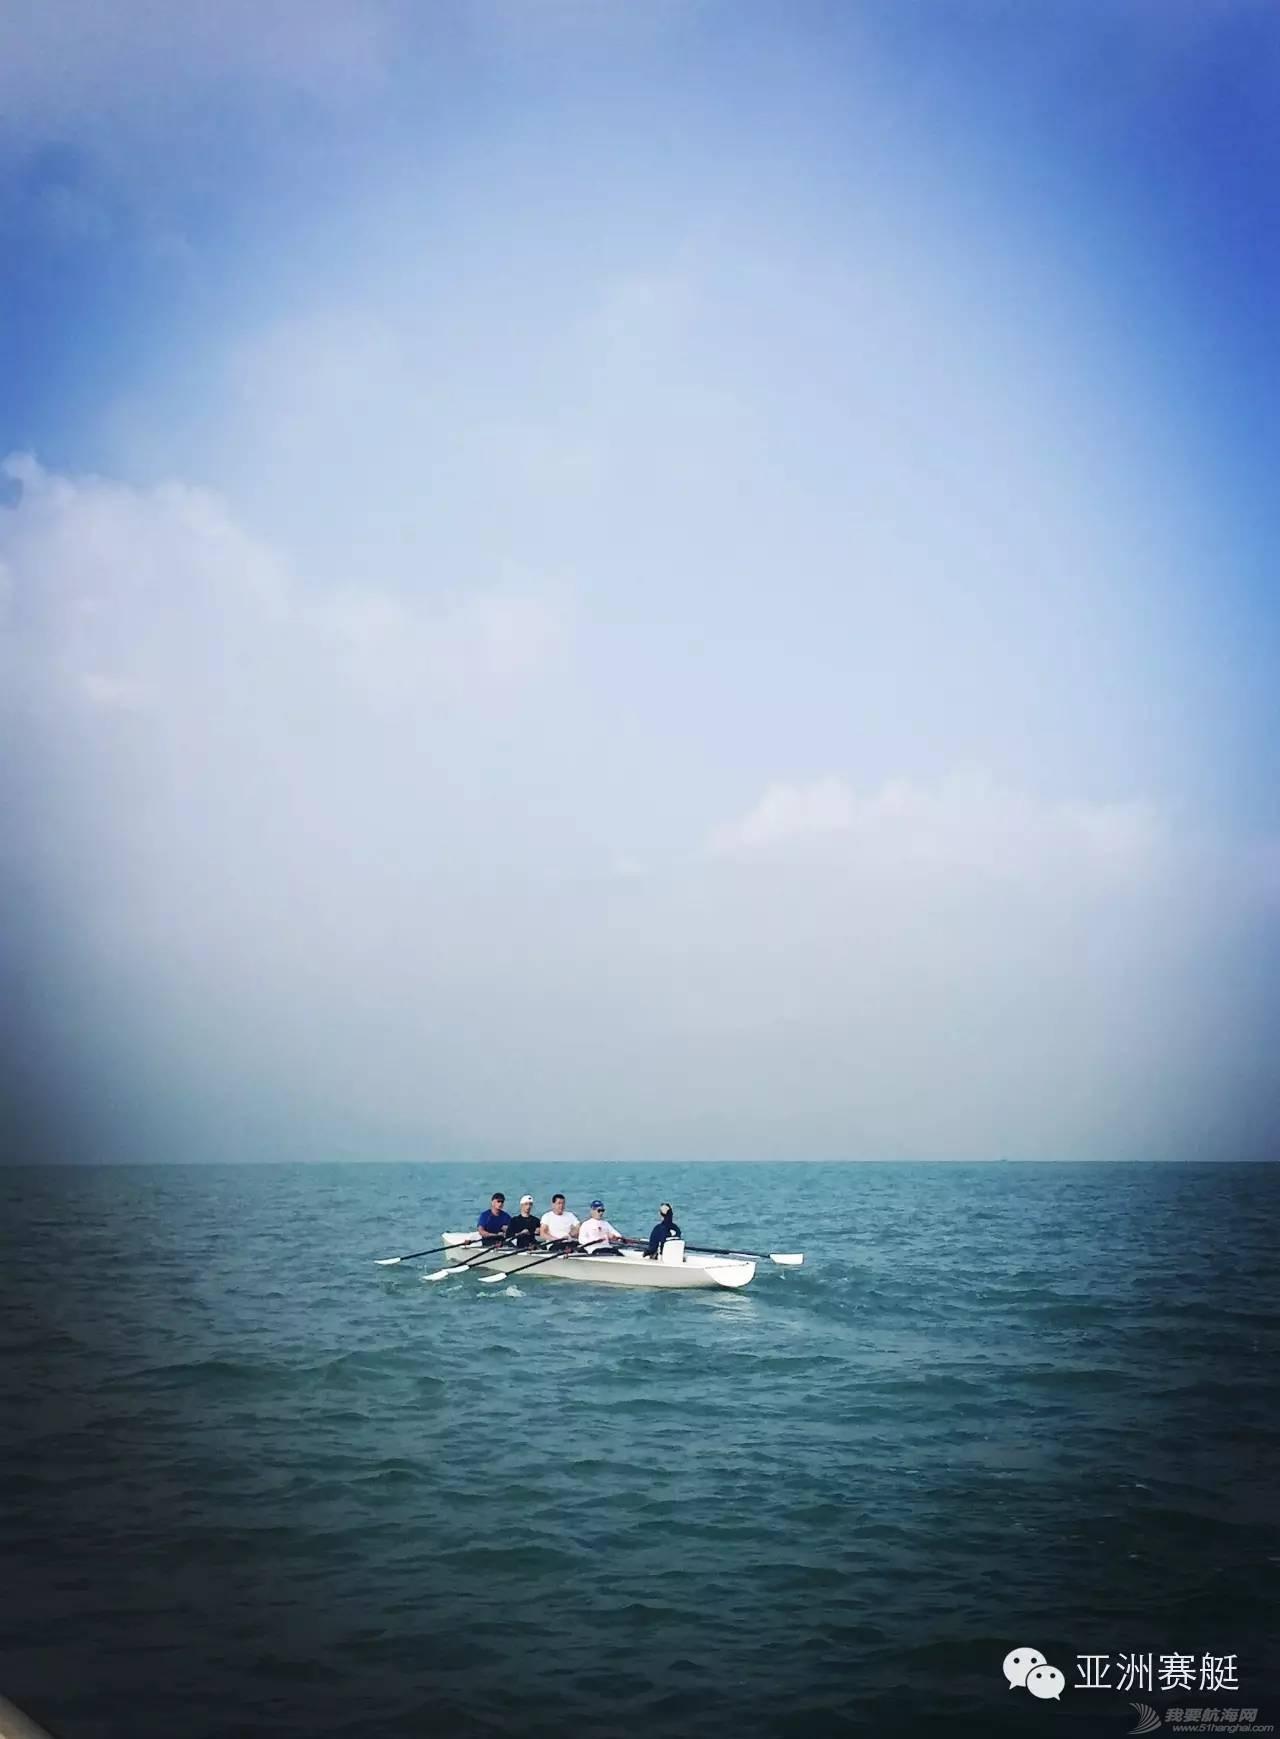 在海浪中划赛艇?王石主席在深圳万科浪骑游艇会体验海岸赛艇Costal Rowing 82f80a9d34de3bcdb5c0c0b0c211d5b2.jpg